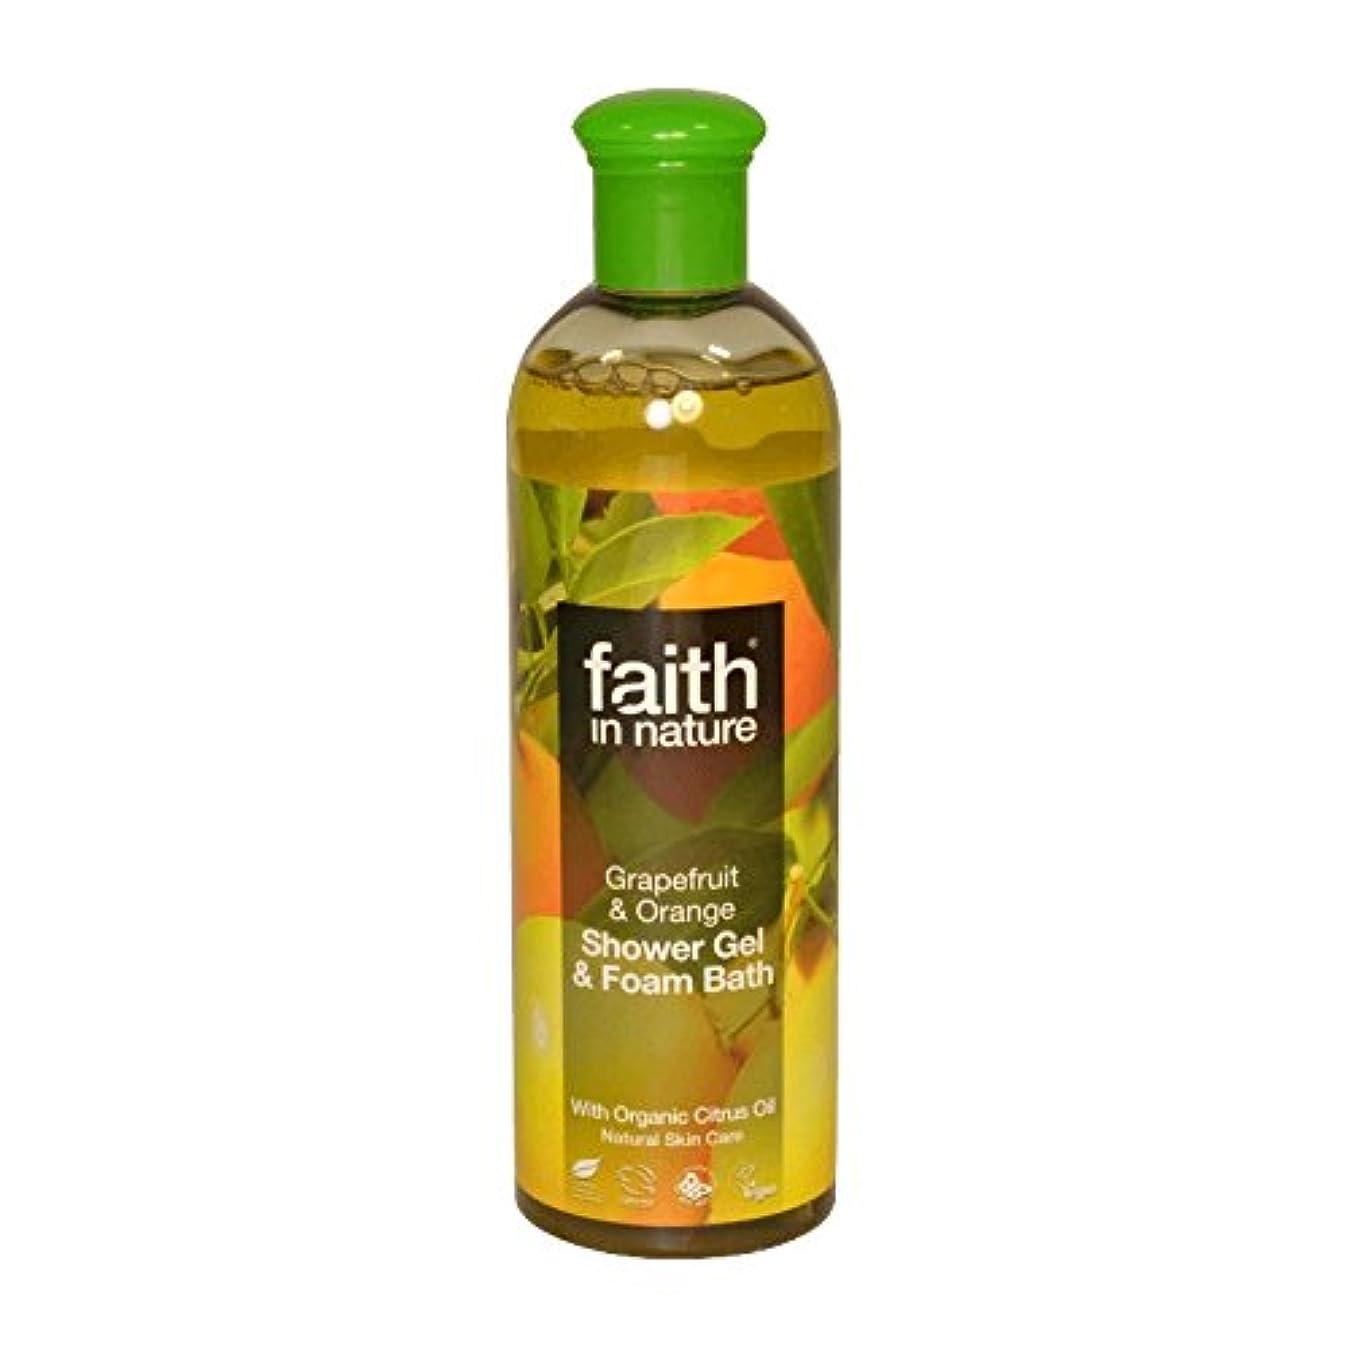 発火するプレゼンテーション軍団Faith in Nature Grapefruit & Orange Shower Gel & Bath Foam 400ml (Pack of 6) - 自然グレープフルーツ&オレンジシャワージェル&バス泡400ミリリットルの信仰 (x6) [並行輸入品]